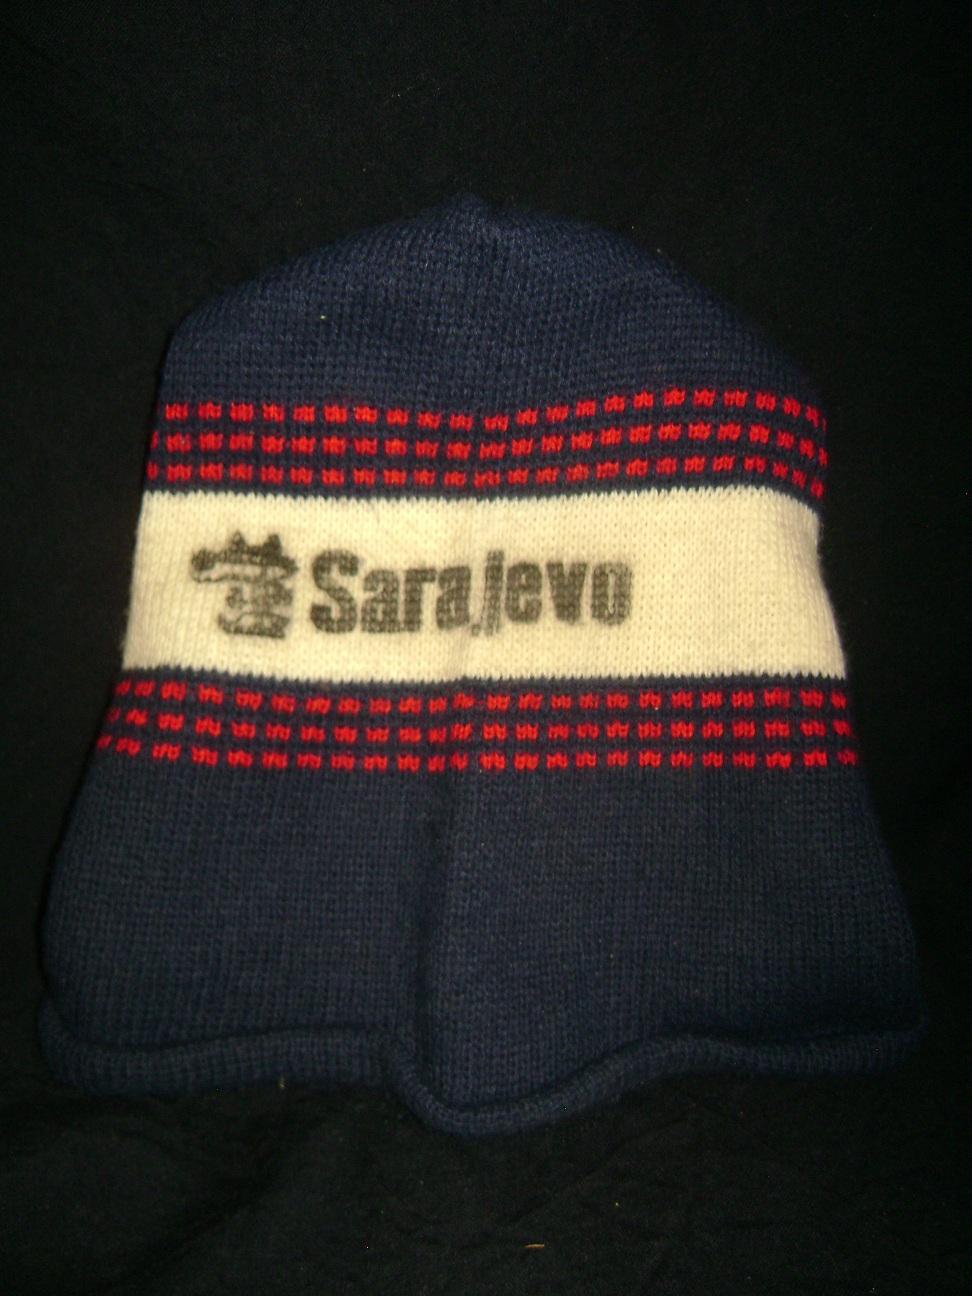 Sarajevo_84_ZOI_21_1.JPG